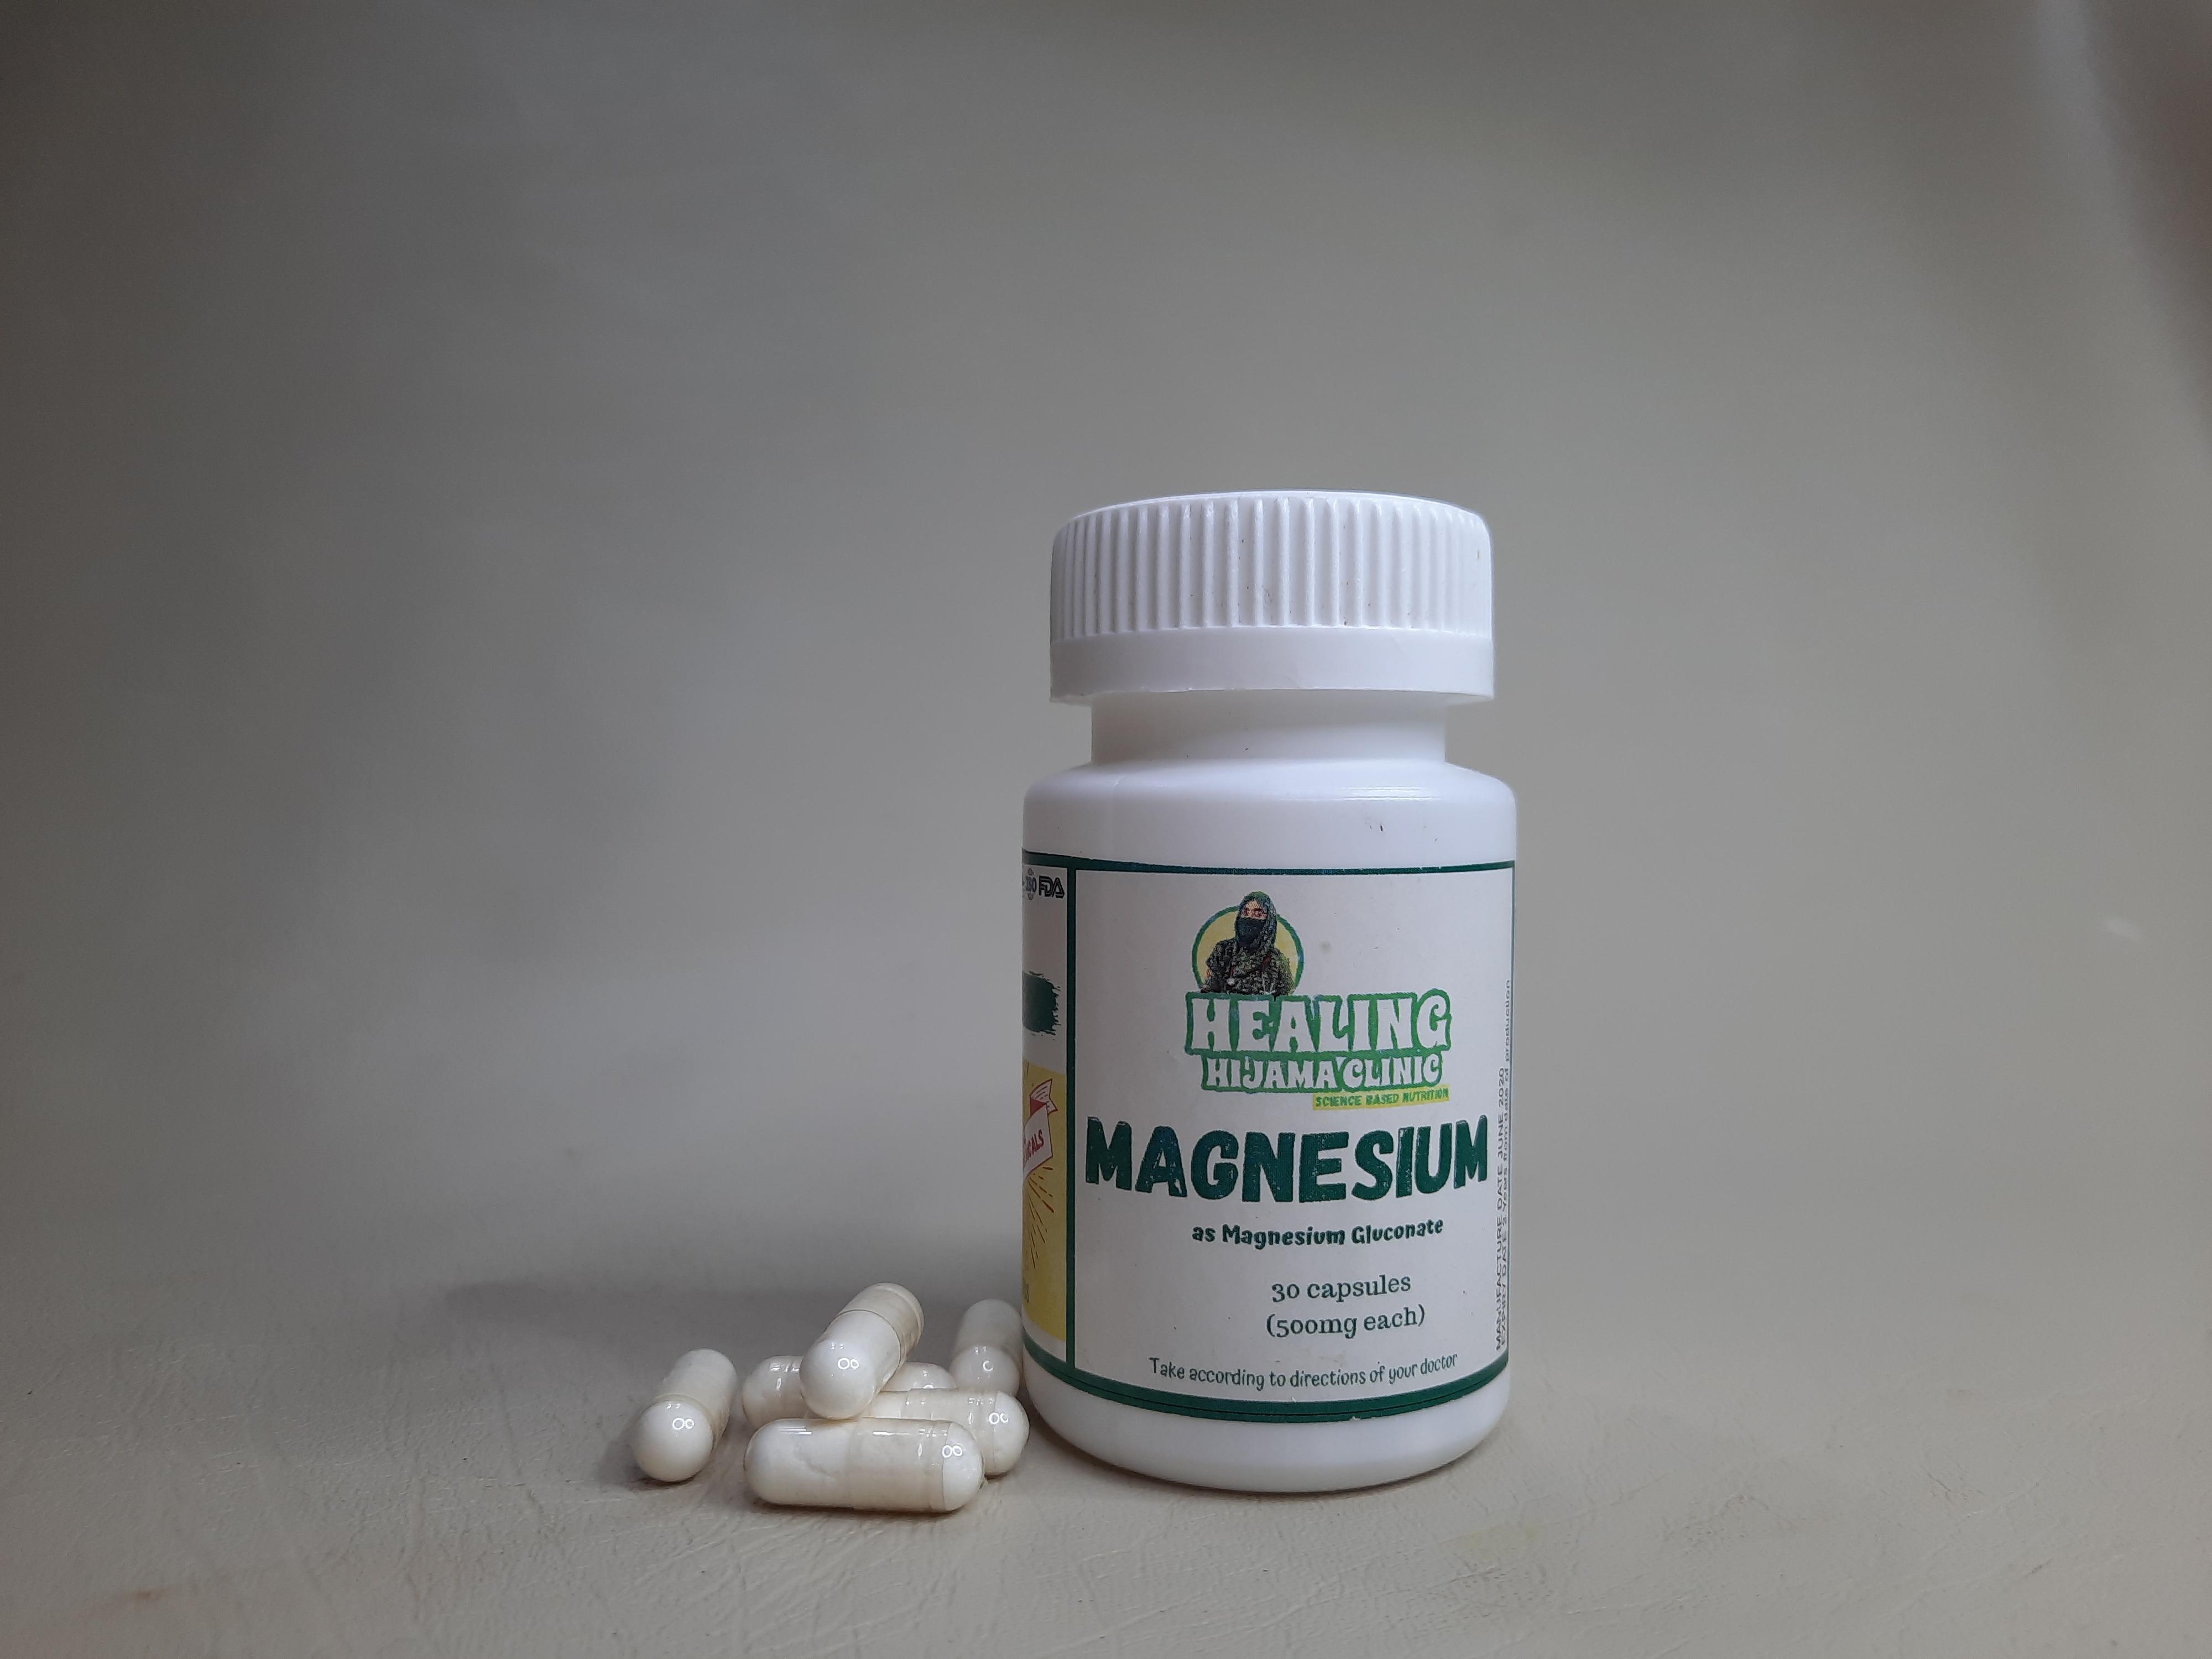 MAGNESIUM as magnesium gluconate 5OOMG CAPSULES